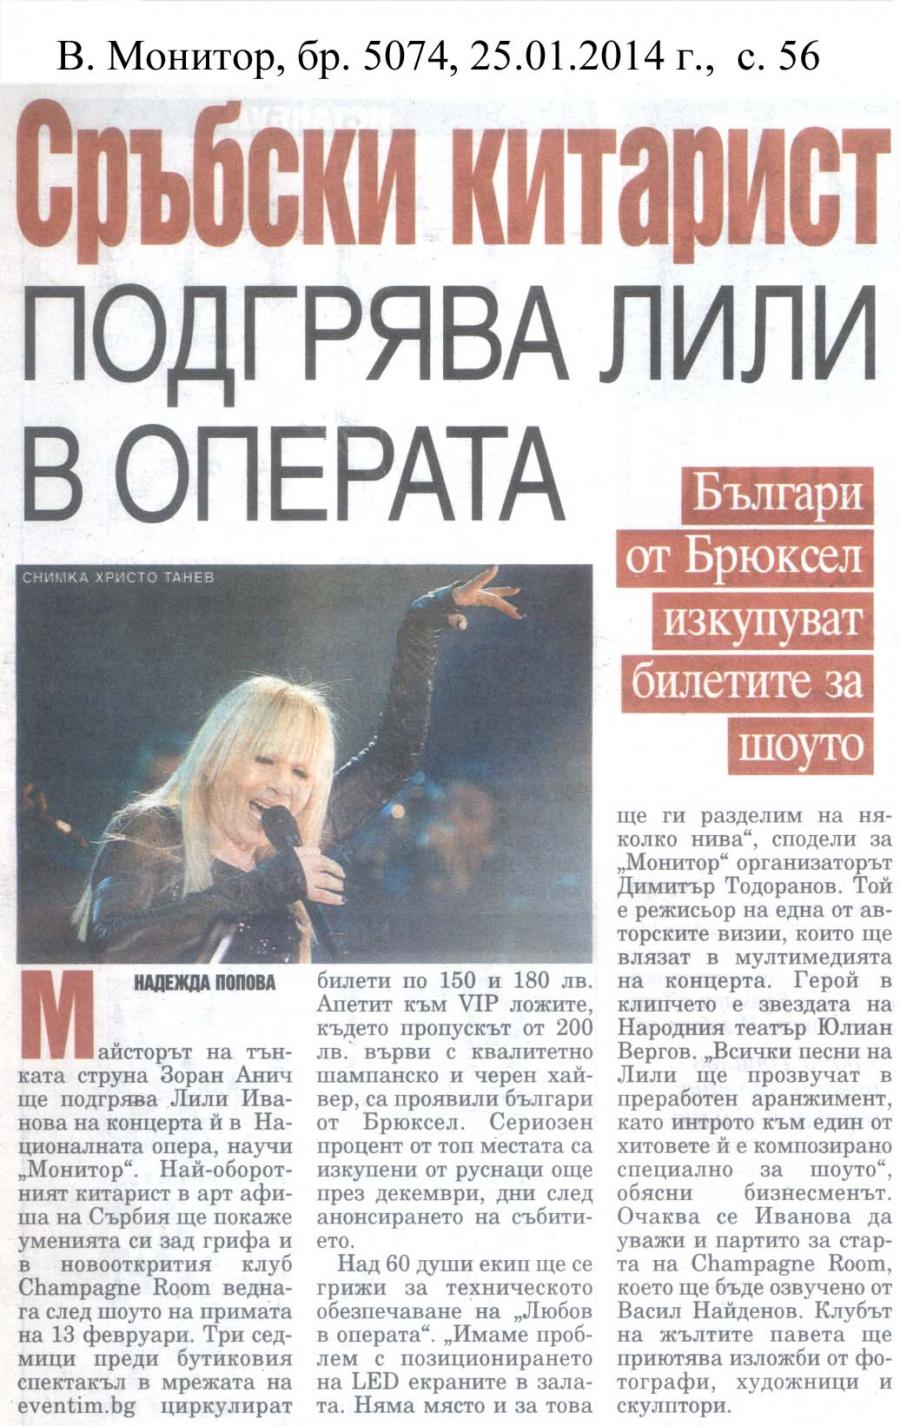 За концерта на Лили Иванова в Операта - в-к Монитор - 25.01.2014